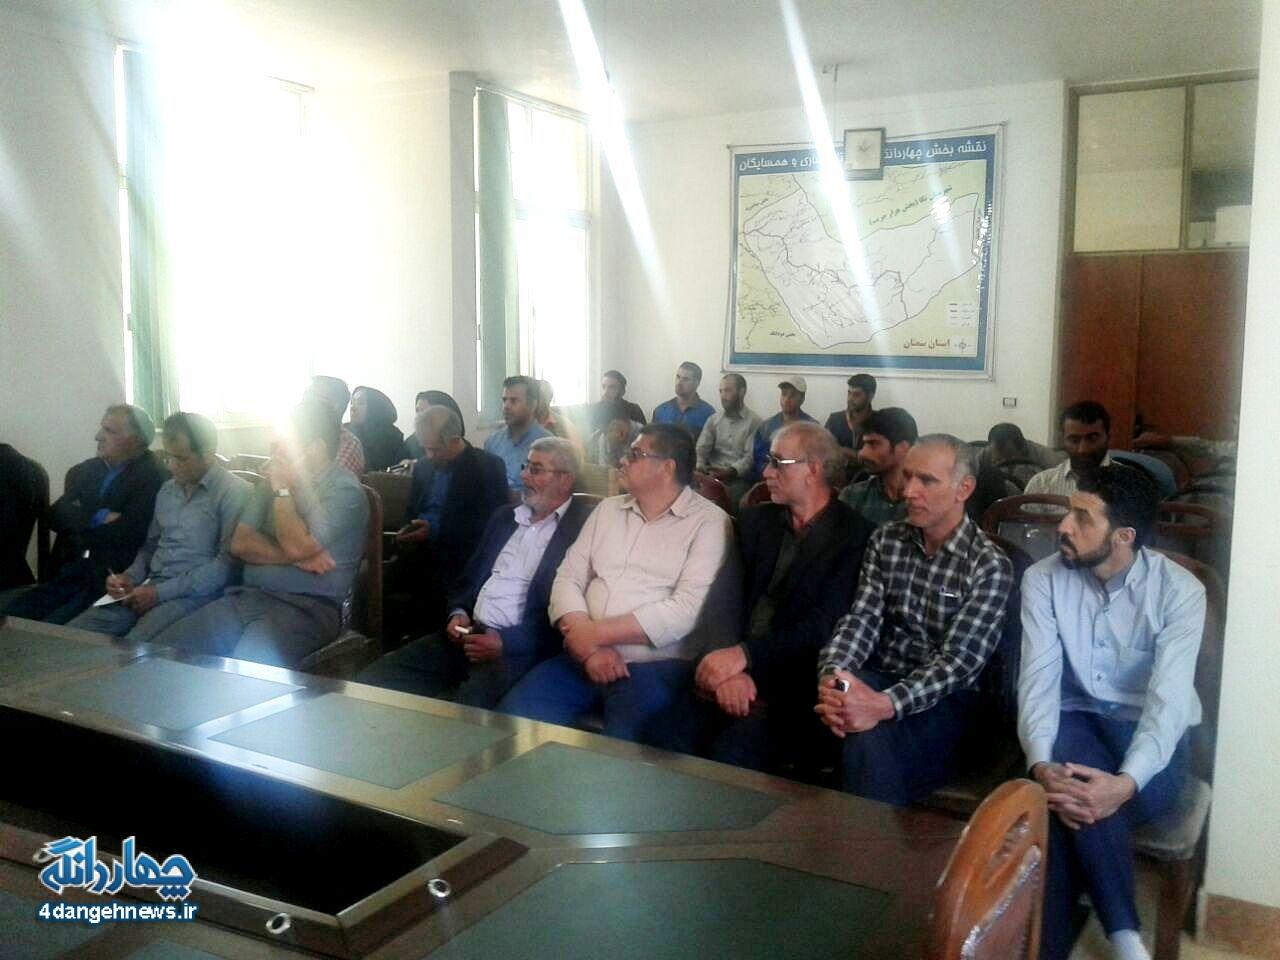 تجمع اعتراضی اهالی چهاردانگه به انتقال زباله و حضور در دفتر بخشدار